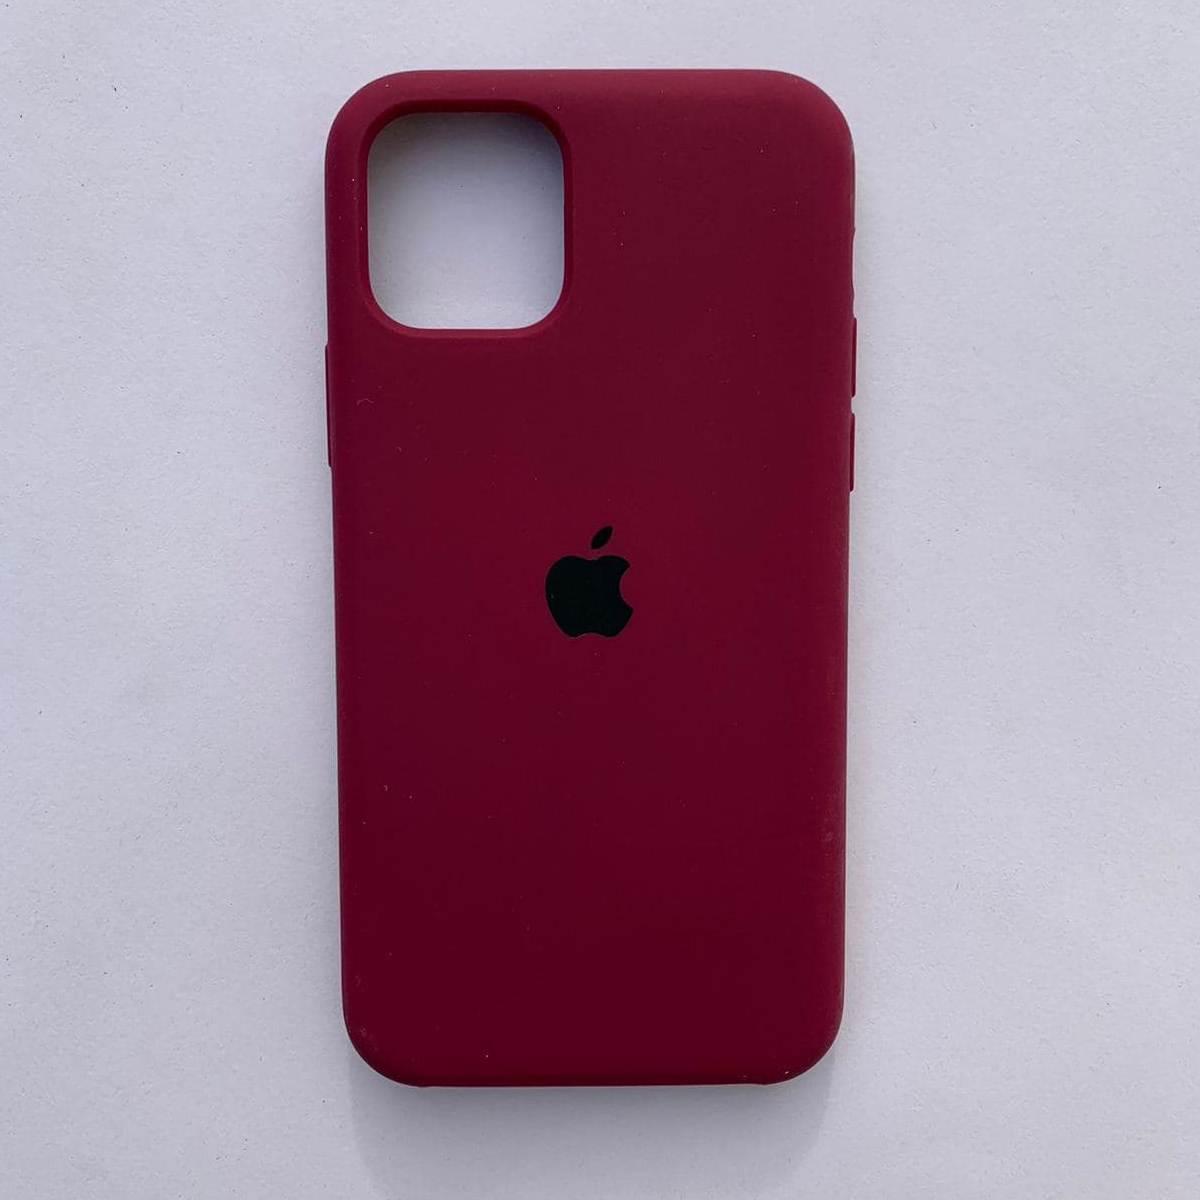 Чехол Silicone Case для Apple iPhone 11 Cherry